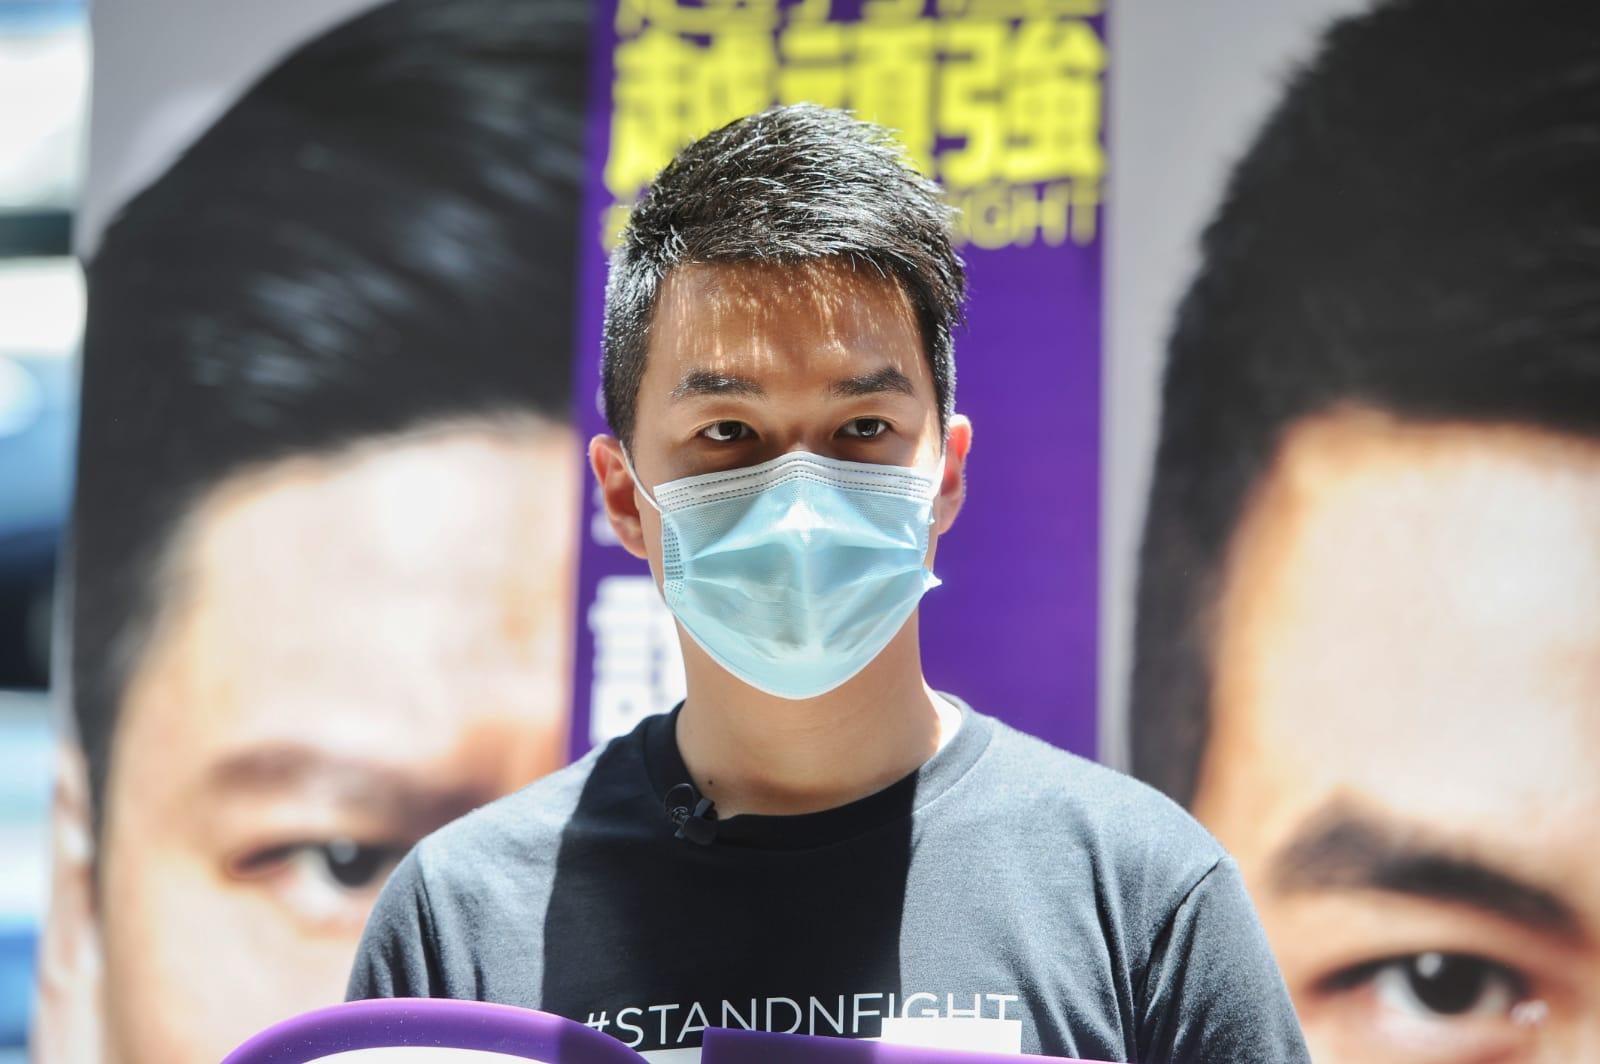 於2015年當選成為北角丹拿區區議員的鄭達鴻,是首位在「紅區」當選的民主派區議員。(郭威利/大紀元)